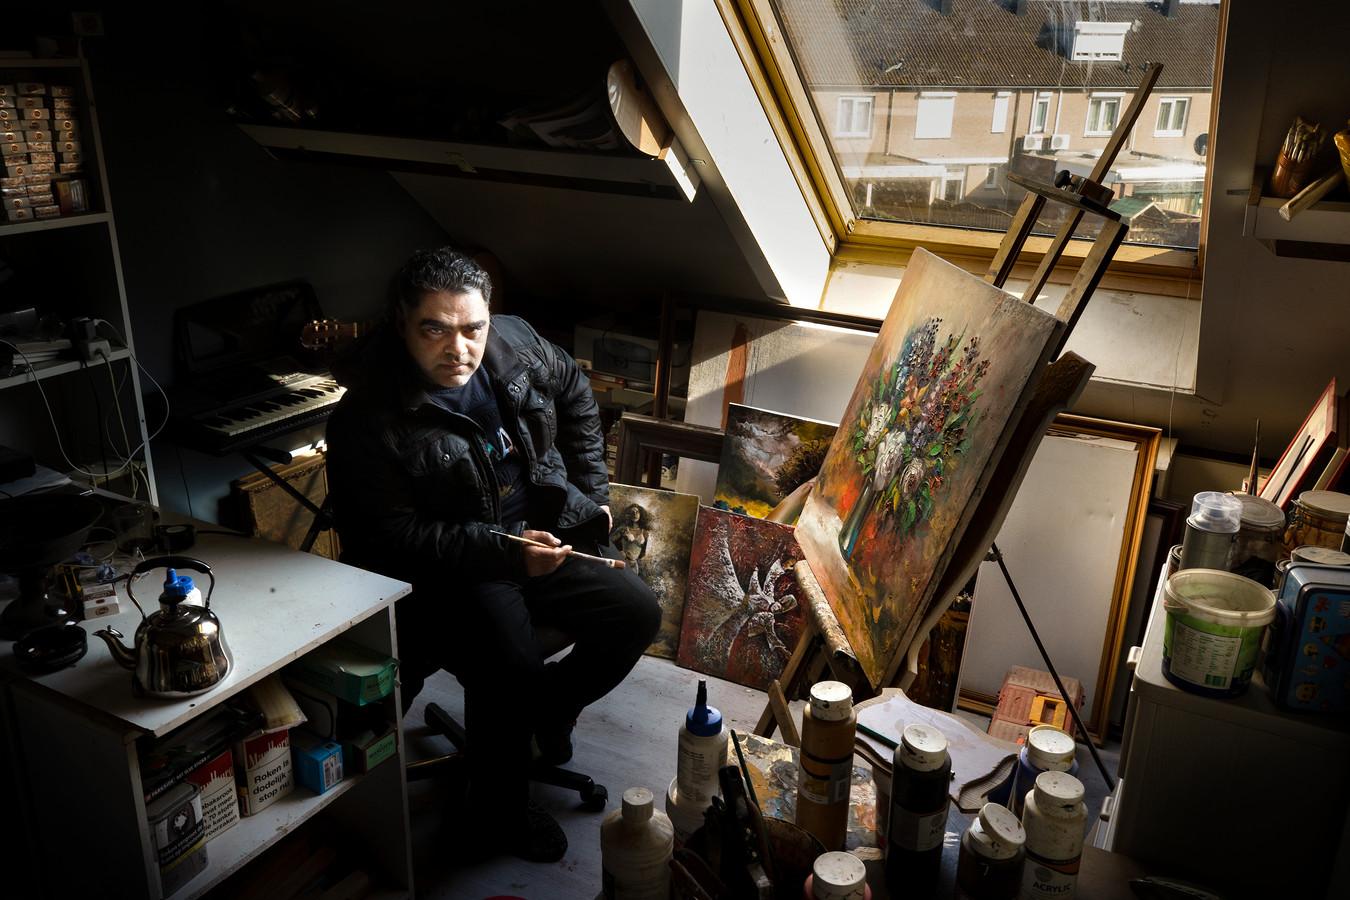 De Syrische kunstenaar Nidal Abdulhadi vluchtte naar Nederland en woont nu met zijn vrouw en vier kinderen in Helmond.